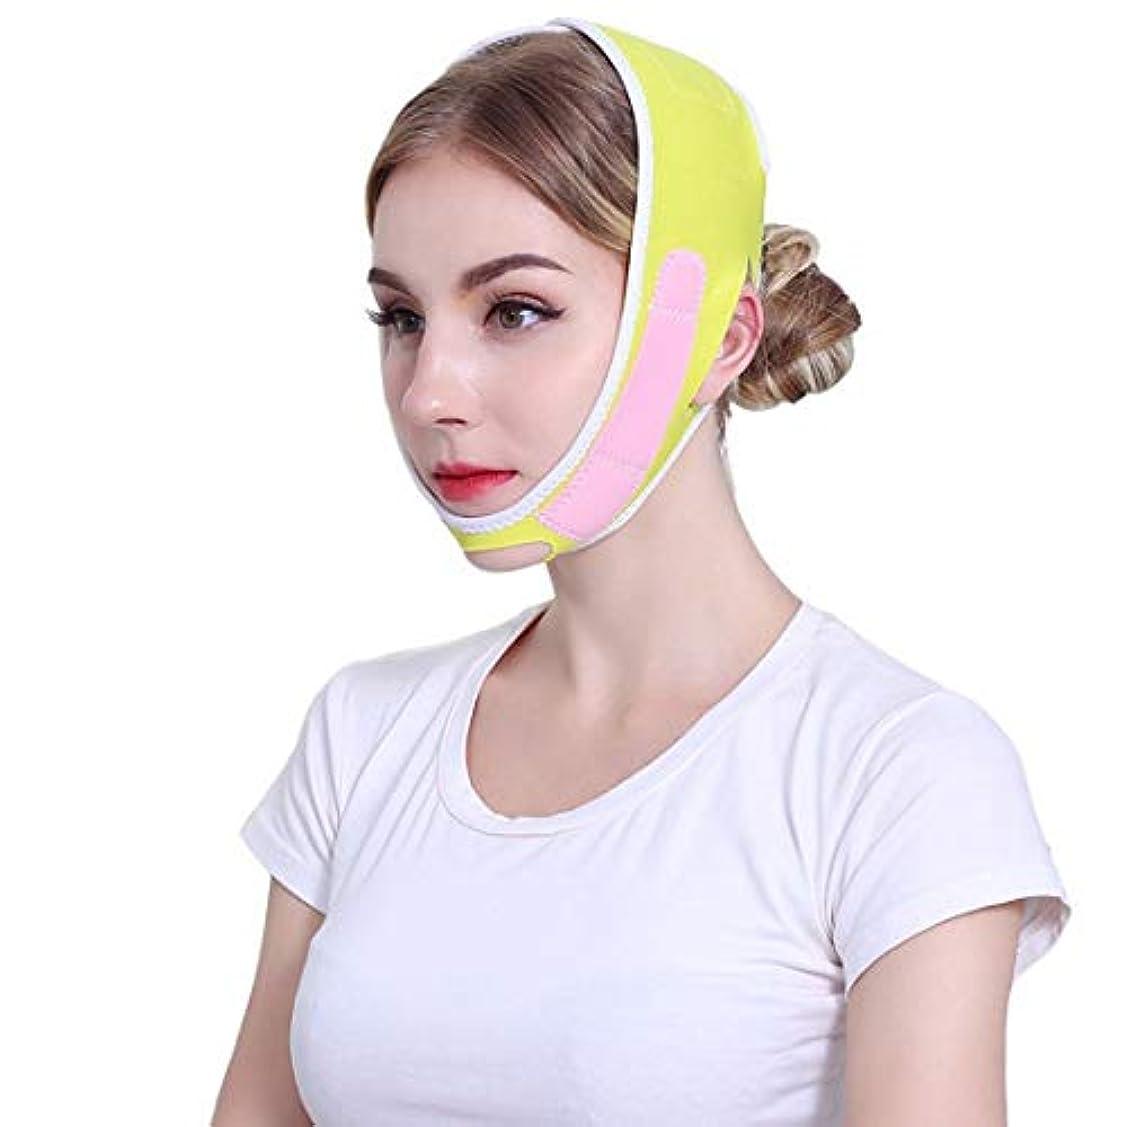 回想出版追うZWBD フェイスマスク, フェイスリフティング包帯v薄い顔の形の男性と女性vフェイスリフティング引き締めリフティングフェイス包帯黄色